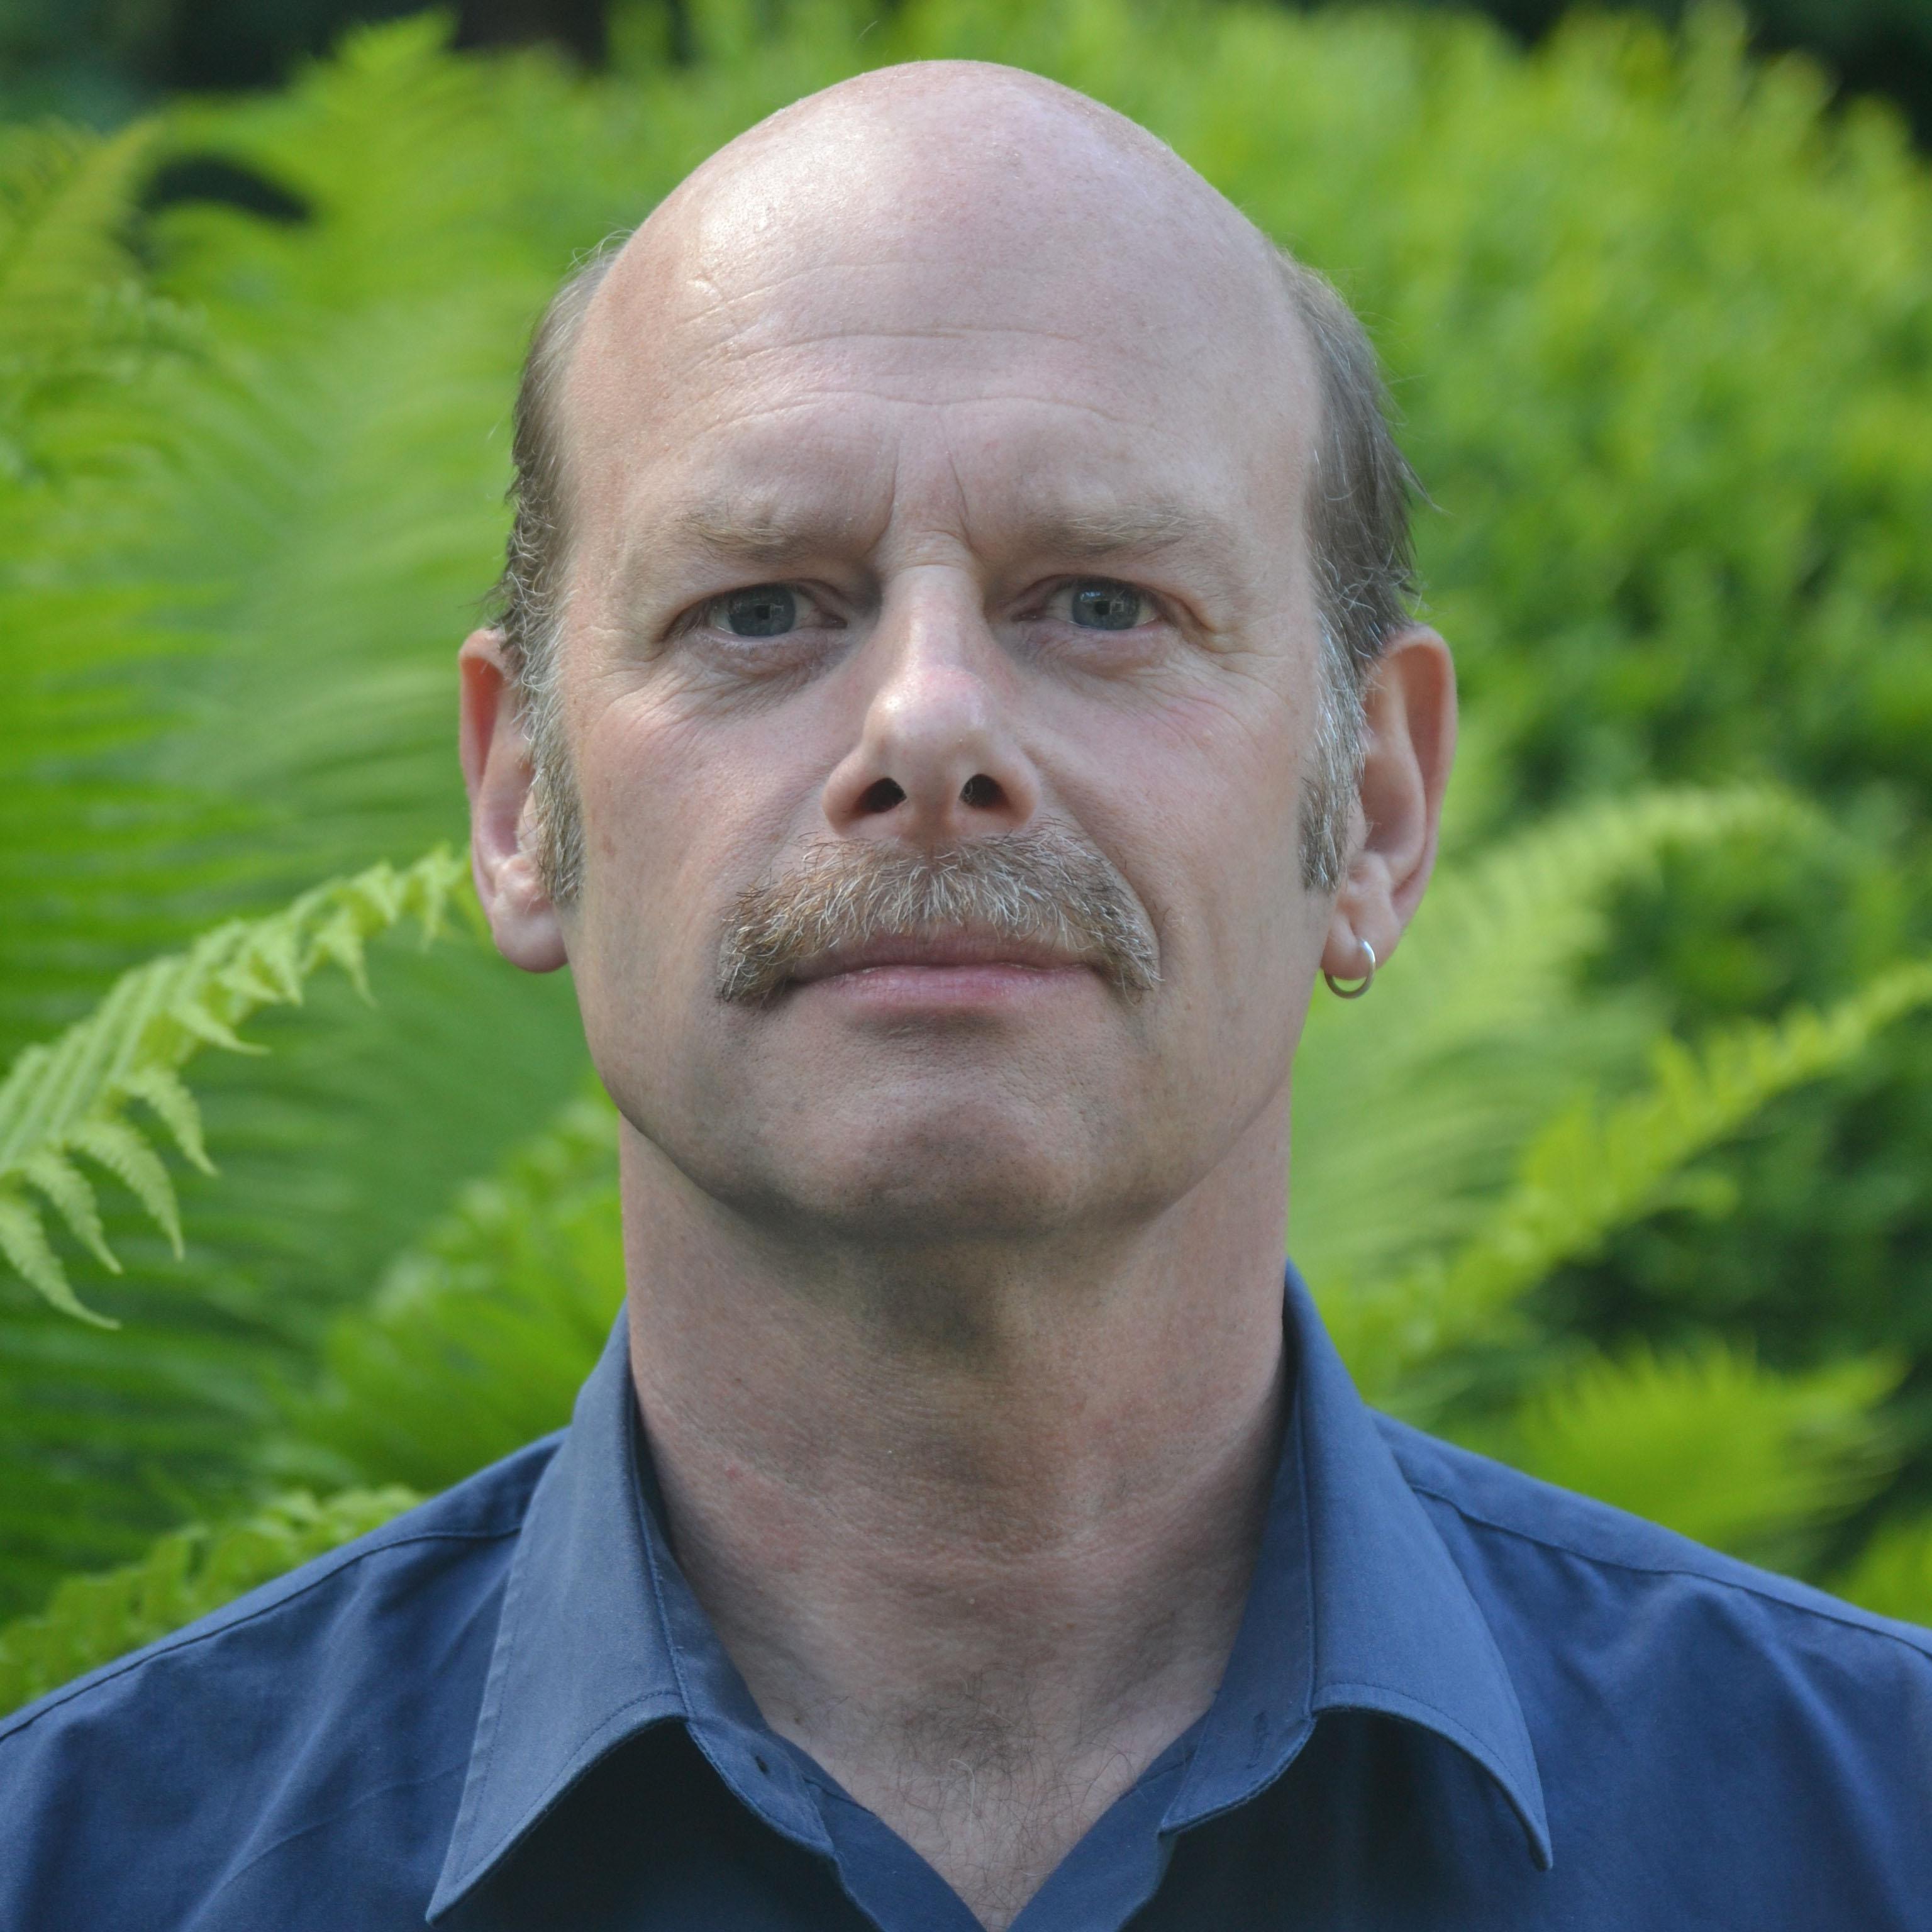 Pioneer CRISPR-Cas: GMO ruling barrier for innovation